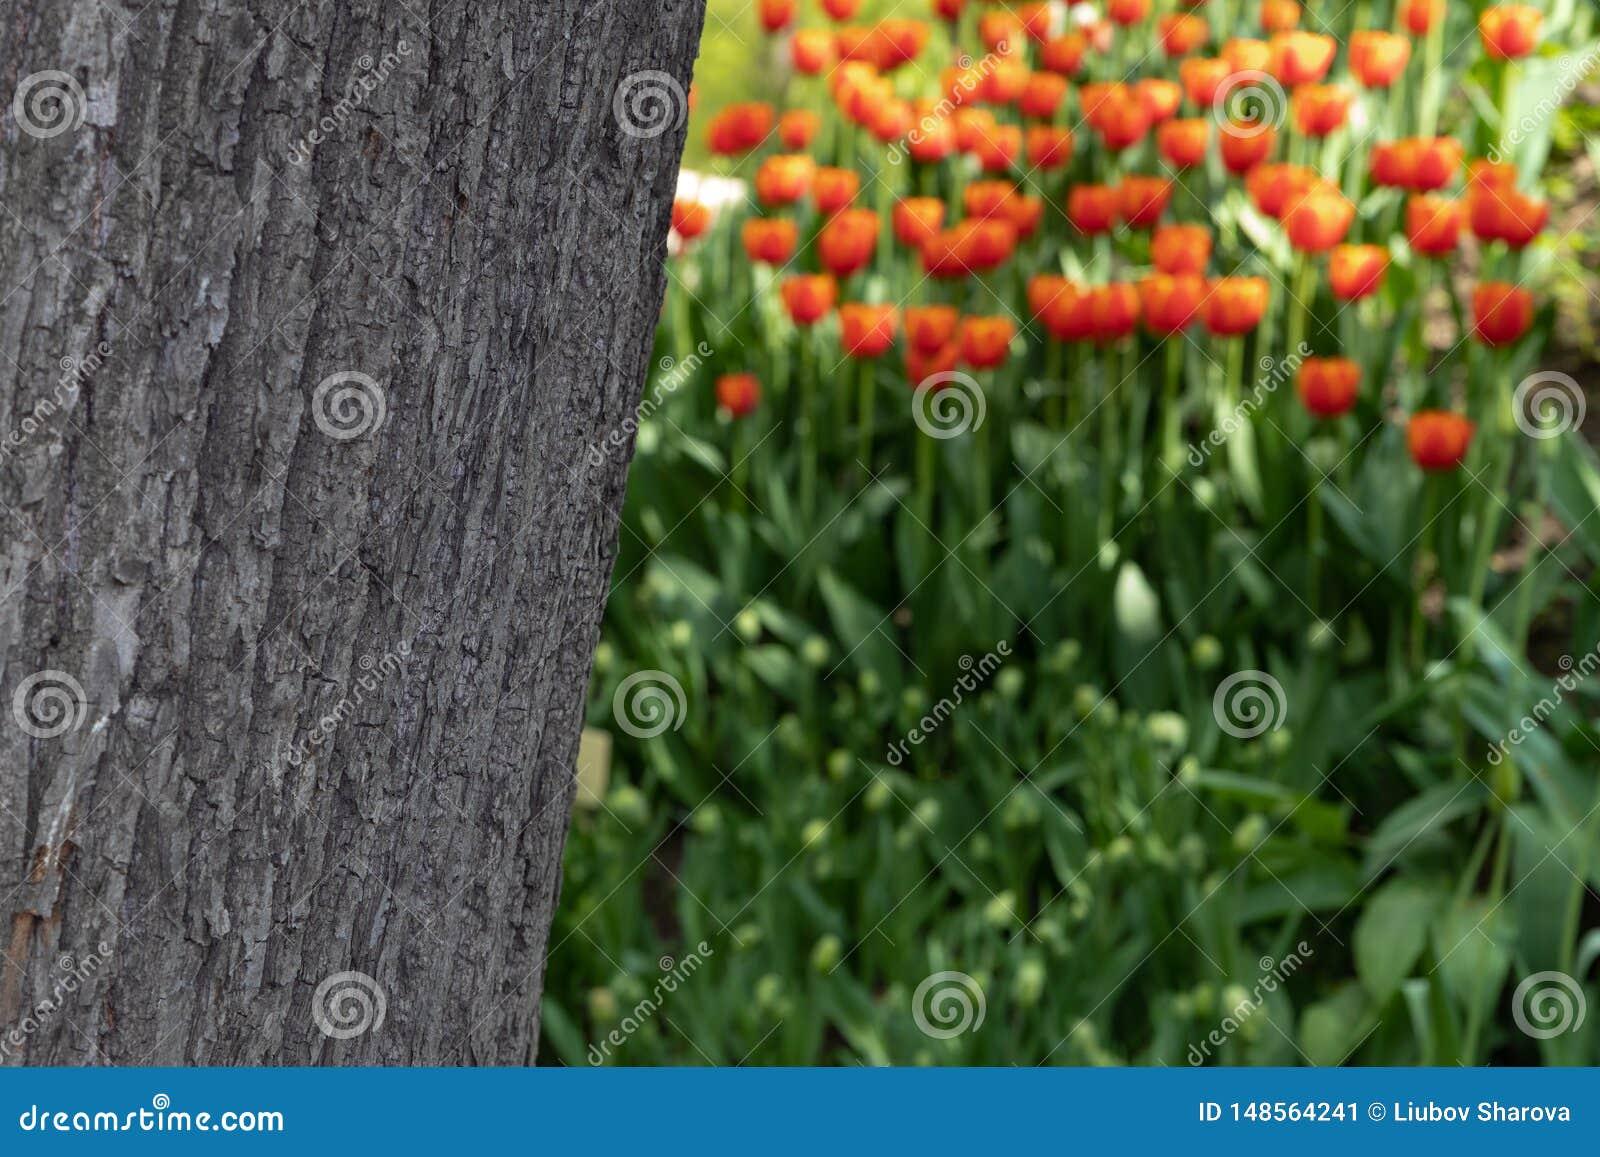 La textura de la corteza de ?rbol en un fondo borroso de tulipanes anaranjados